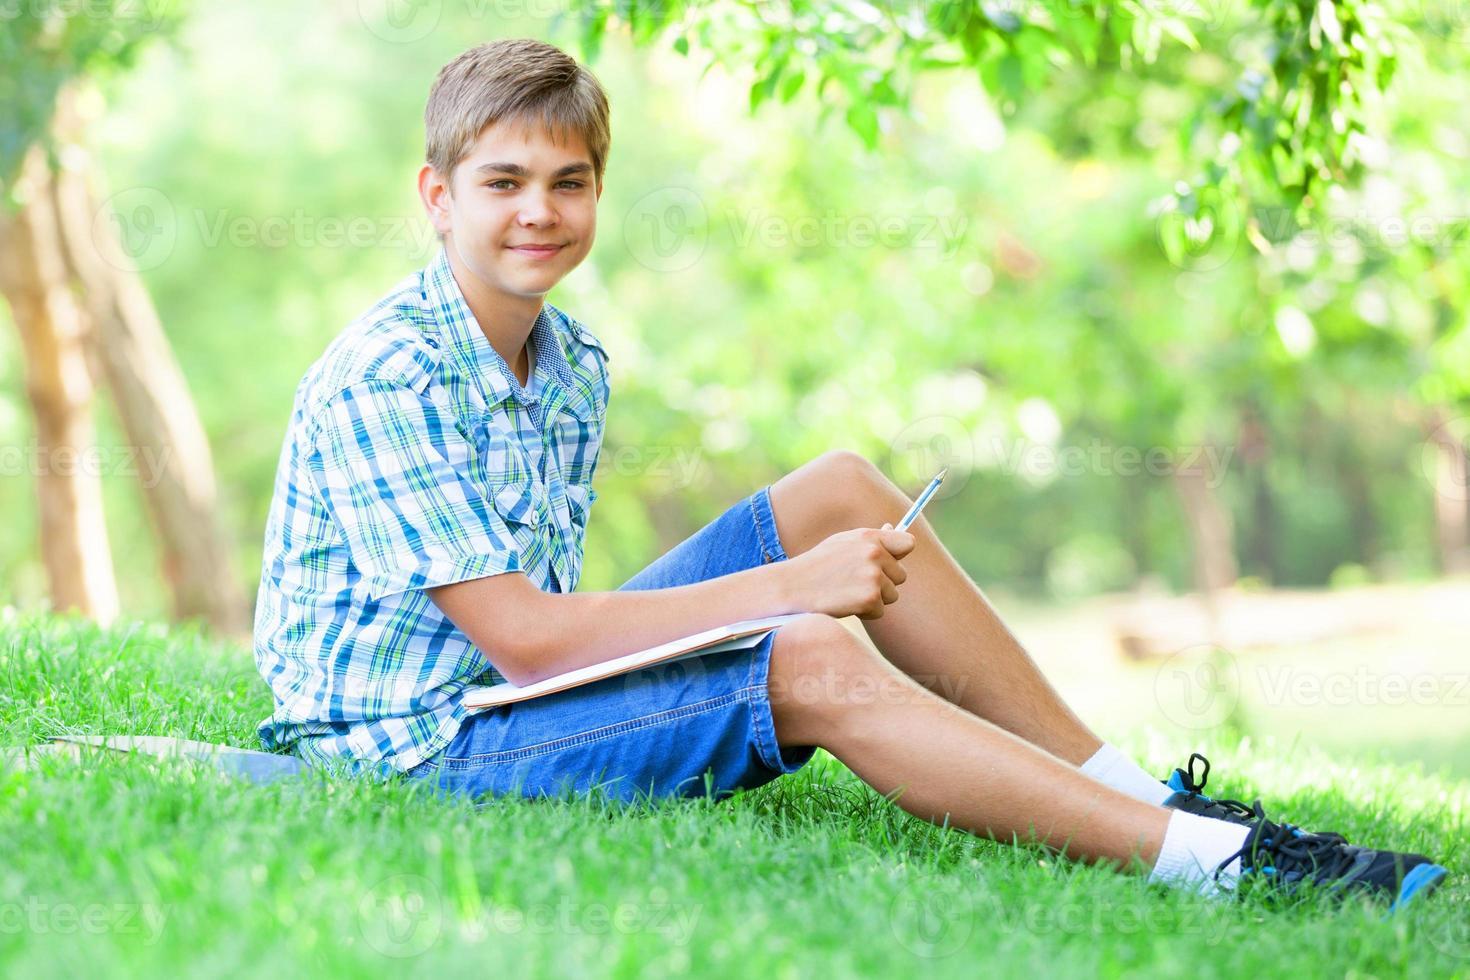 tonåring pojke med böcker och anteckningsbok i parken. foto